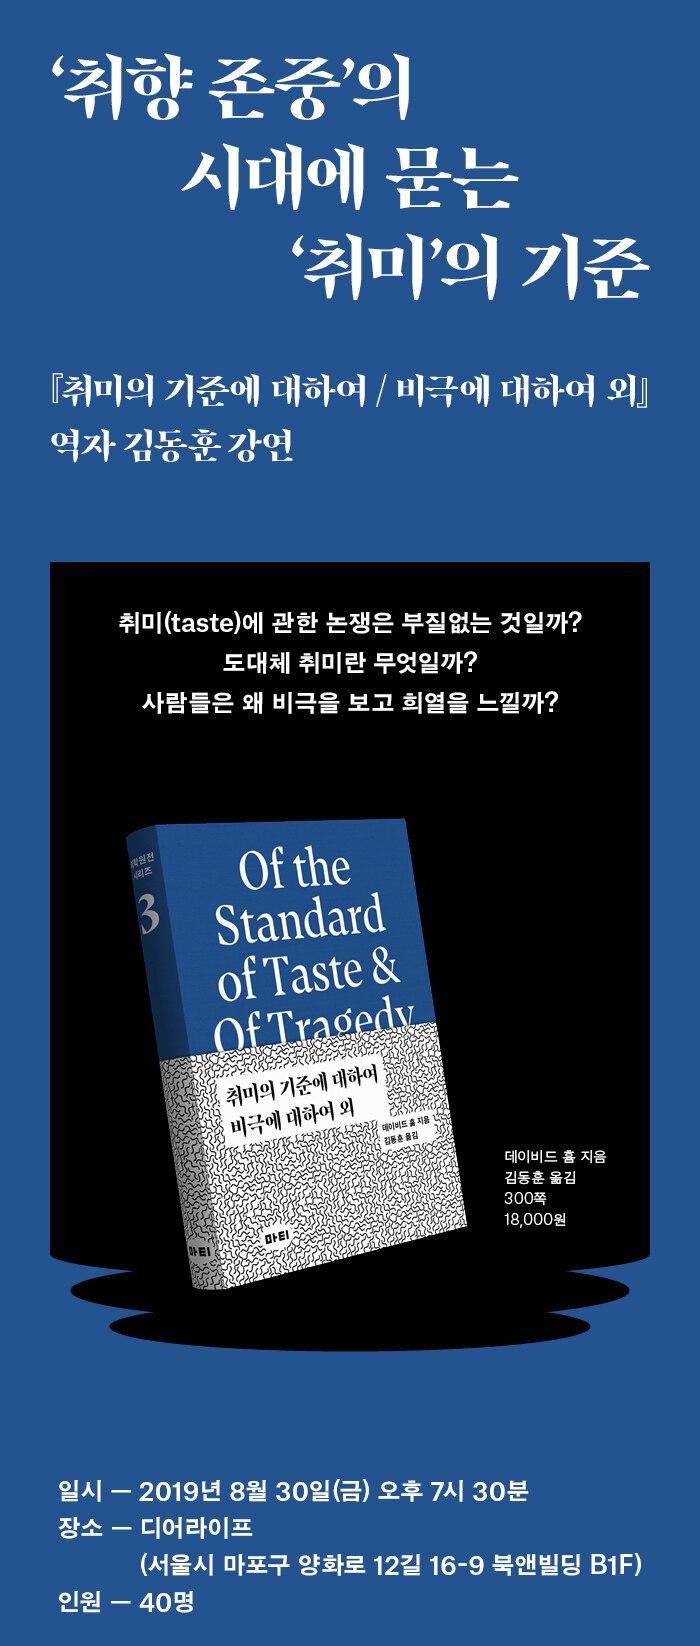 인문학 스터디 <취미의 기준에 대하여...> 역자 강연회